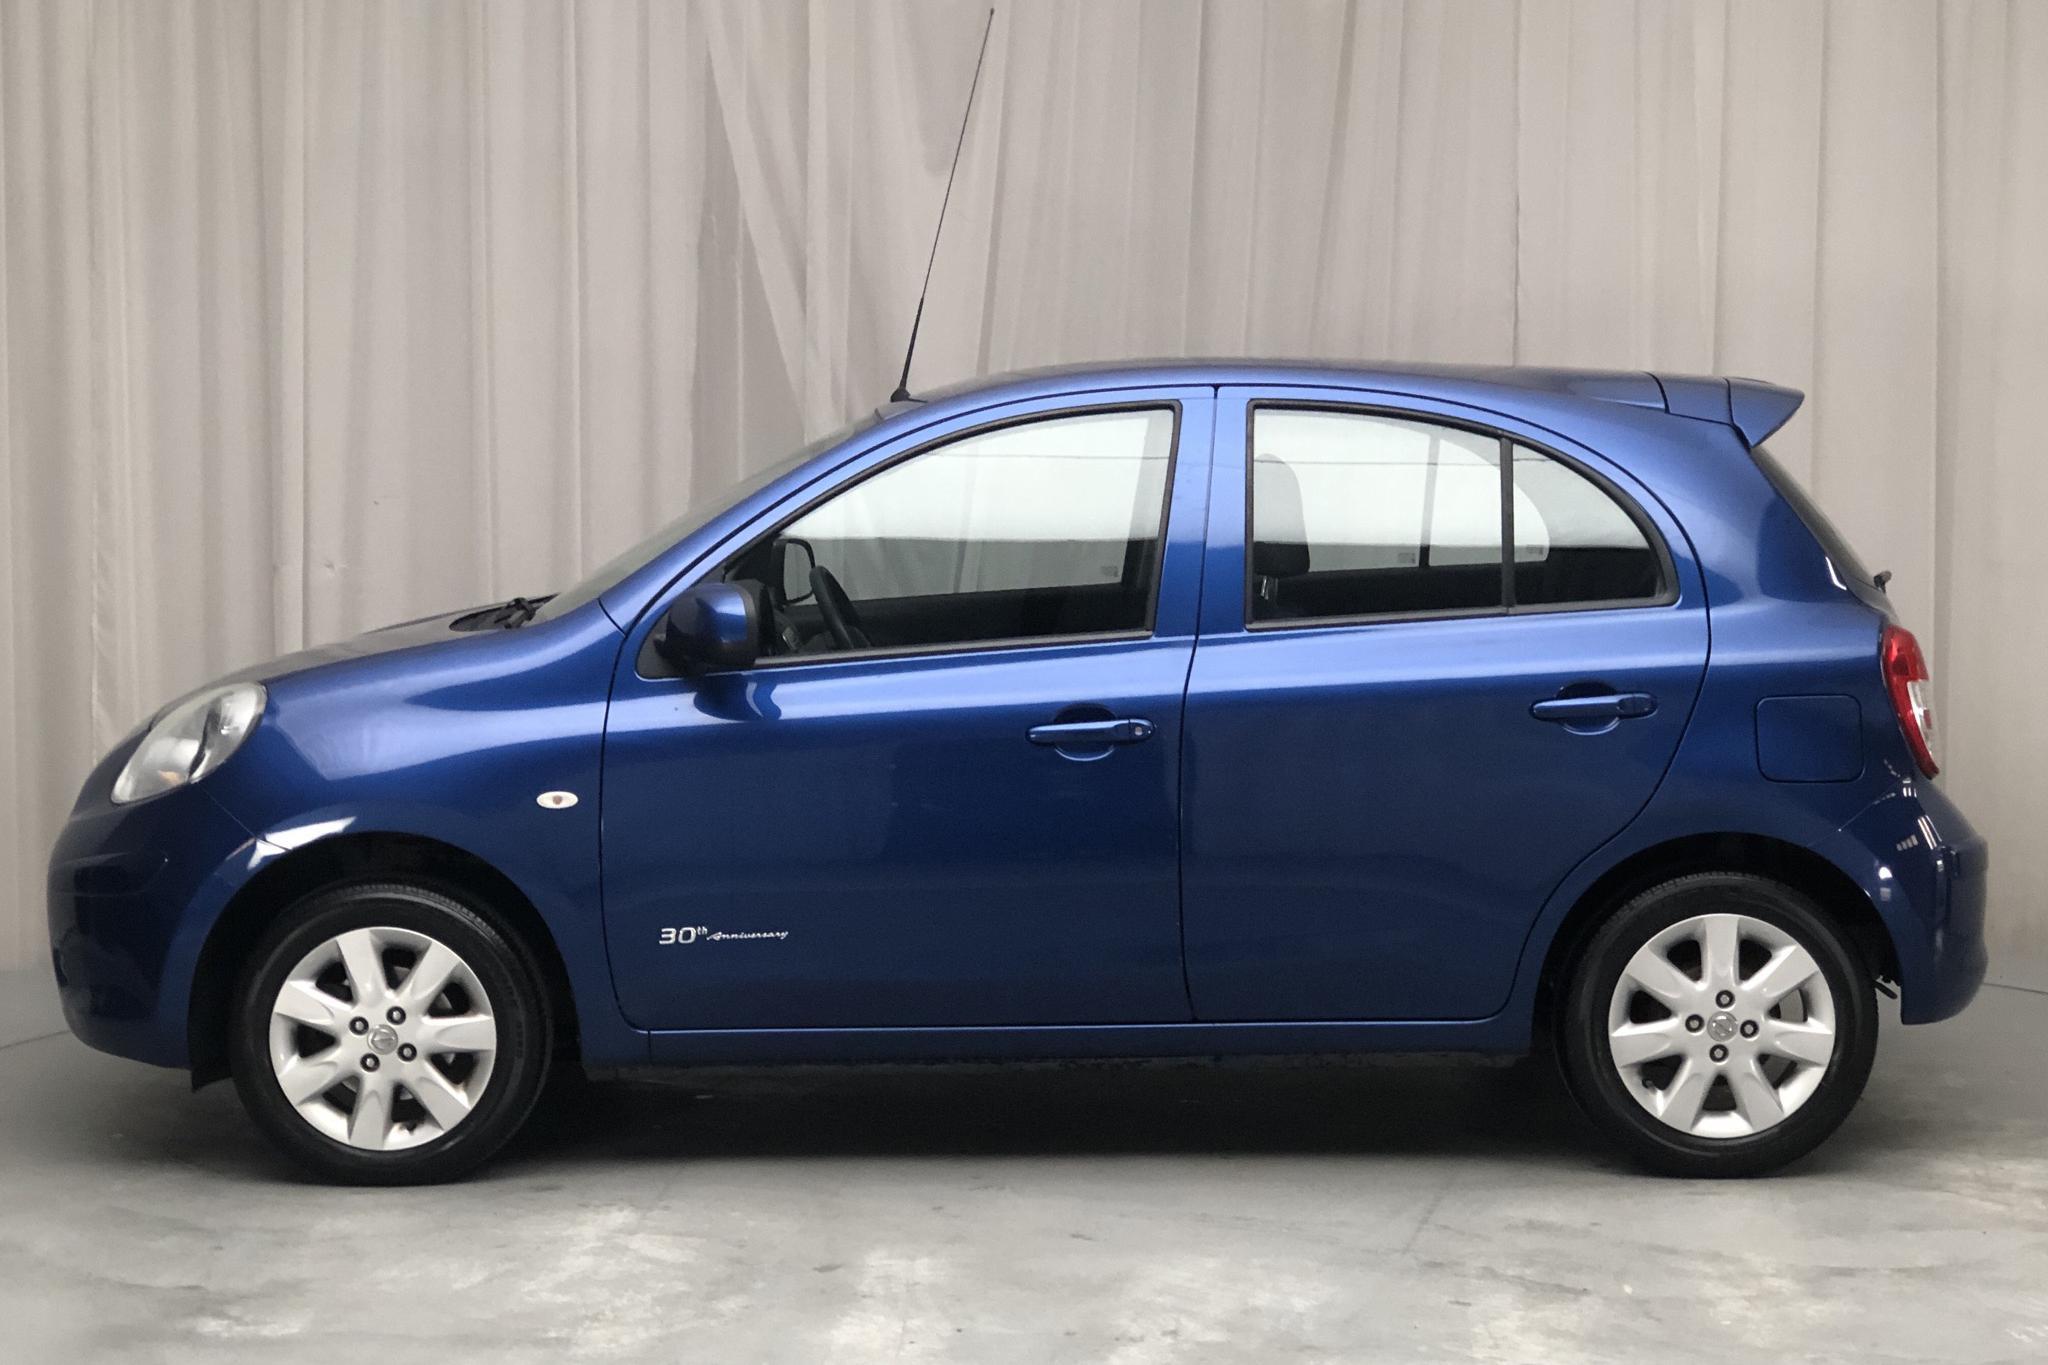 Nissan Micra 1.2 5dr (80hk) - 5 356 mil - Manuell - blå - 2013